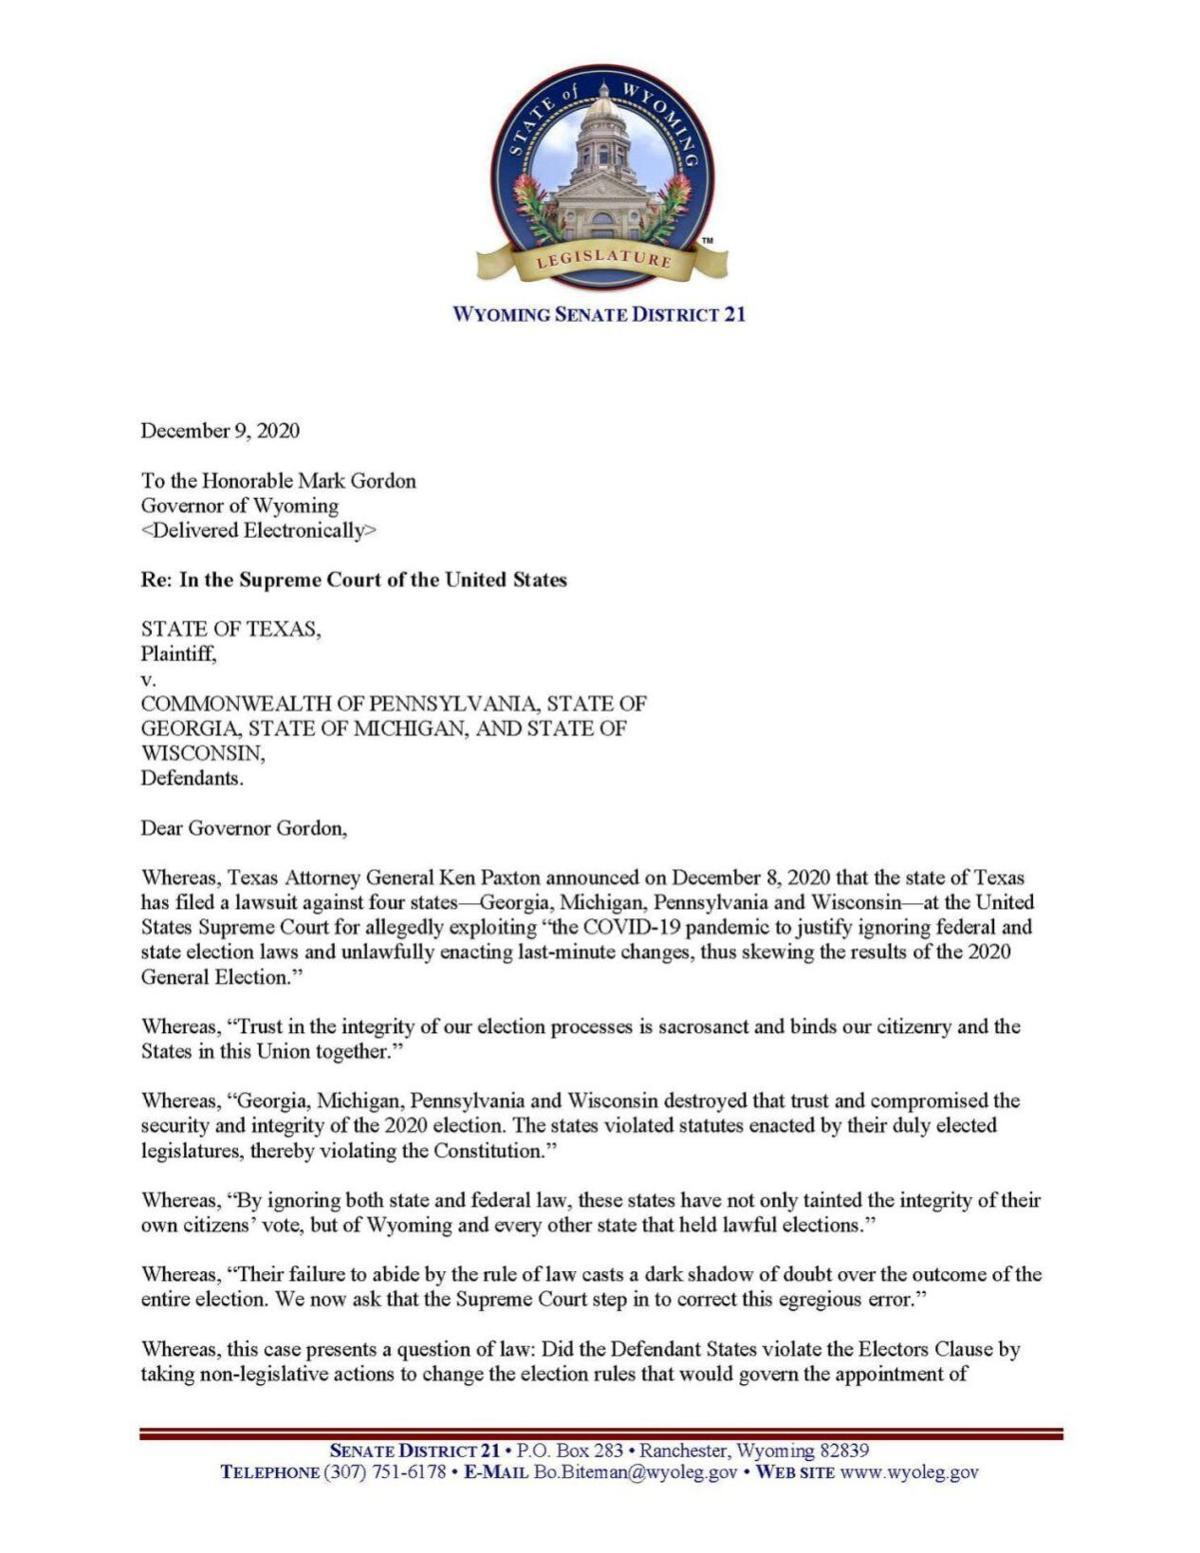 Texas lawsuit letter